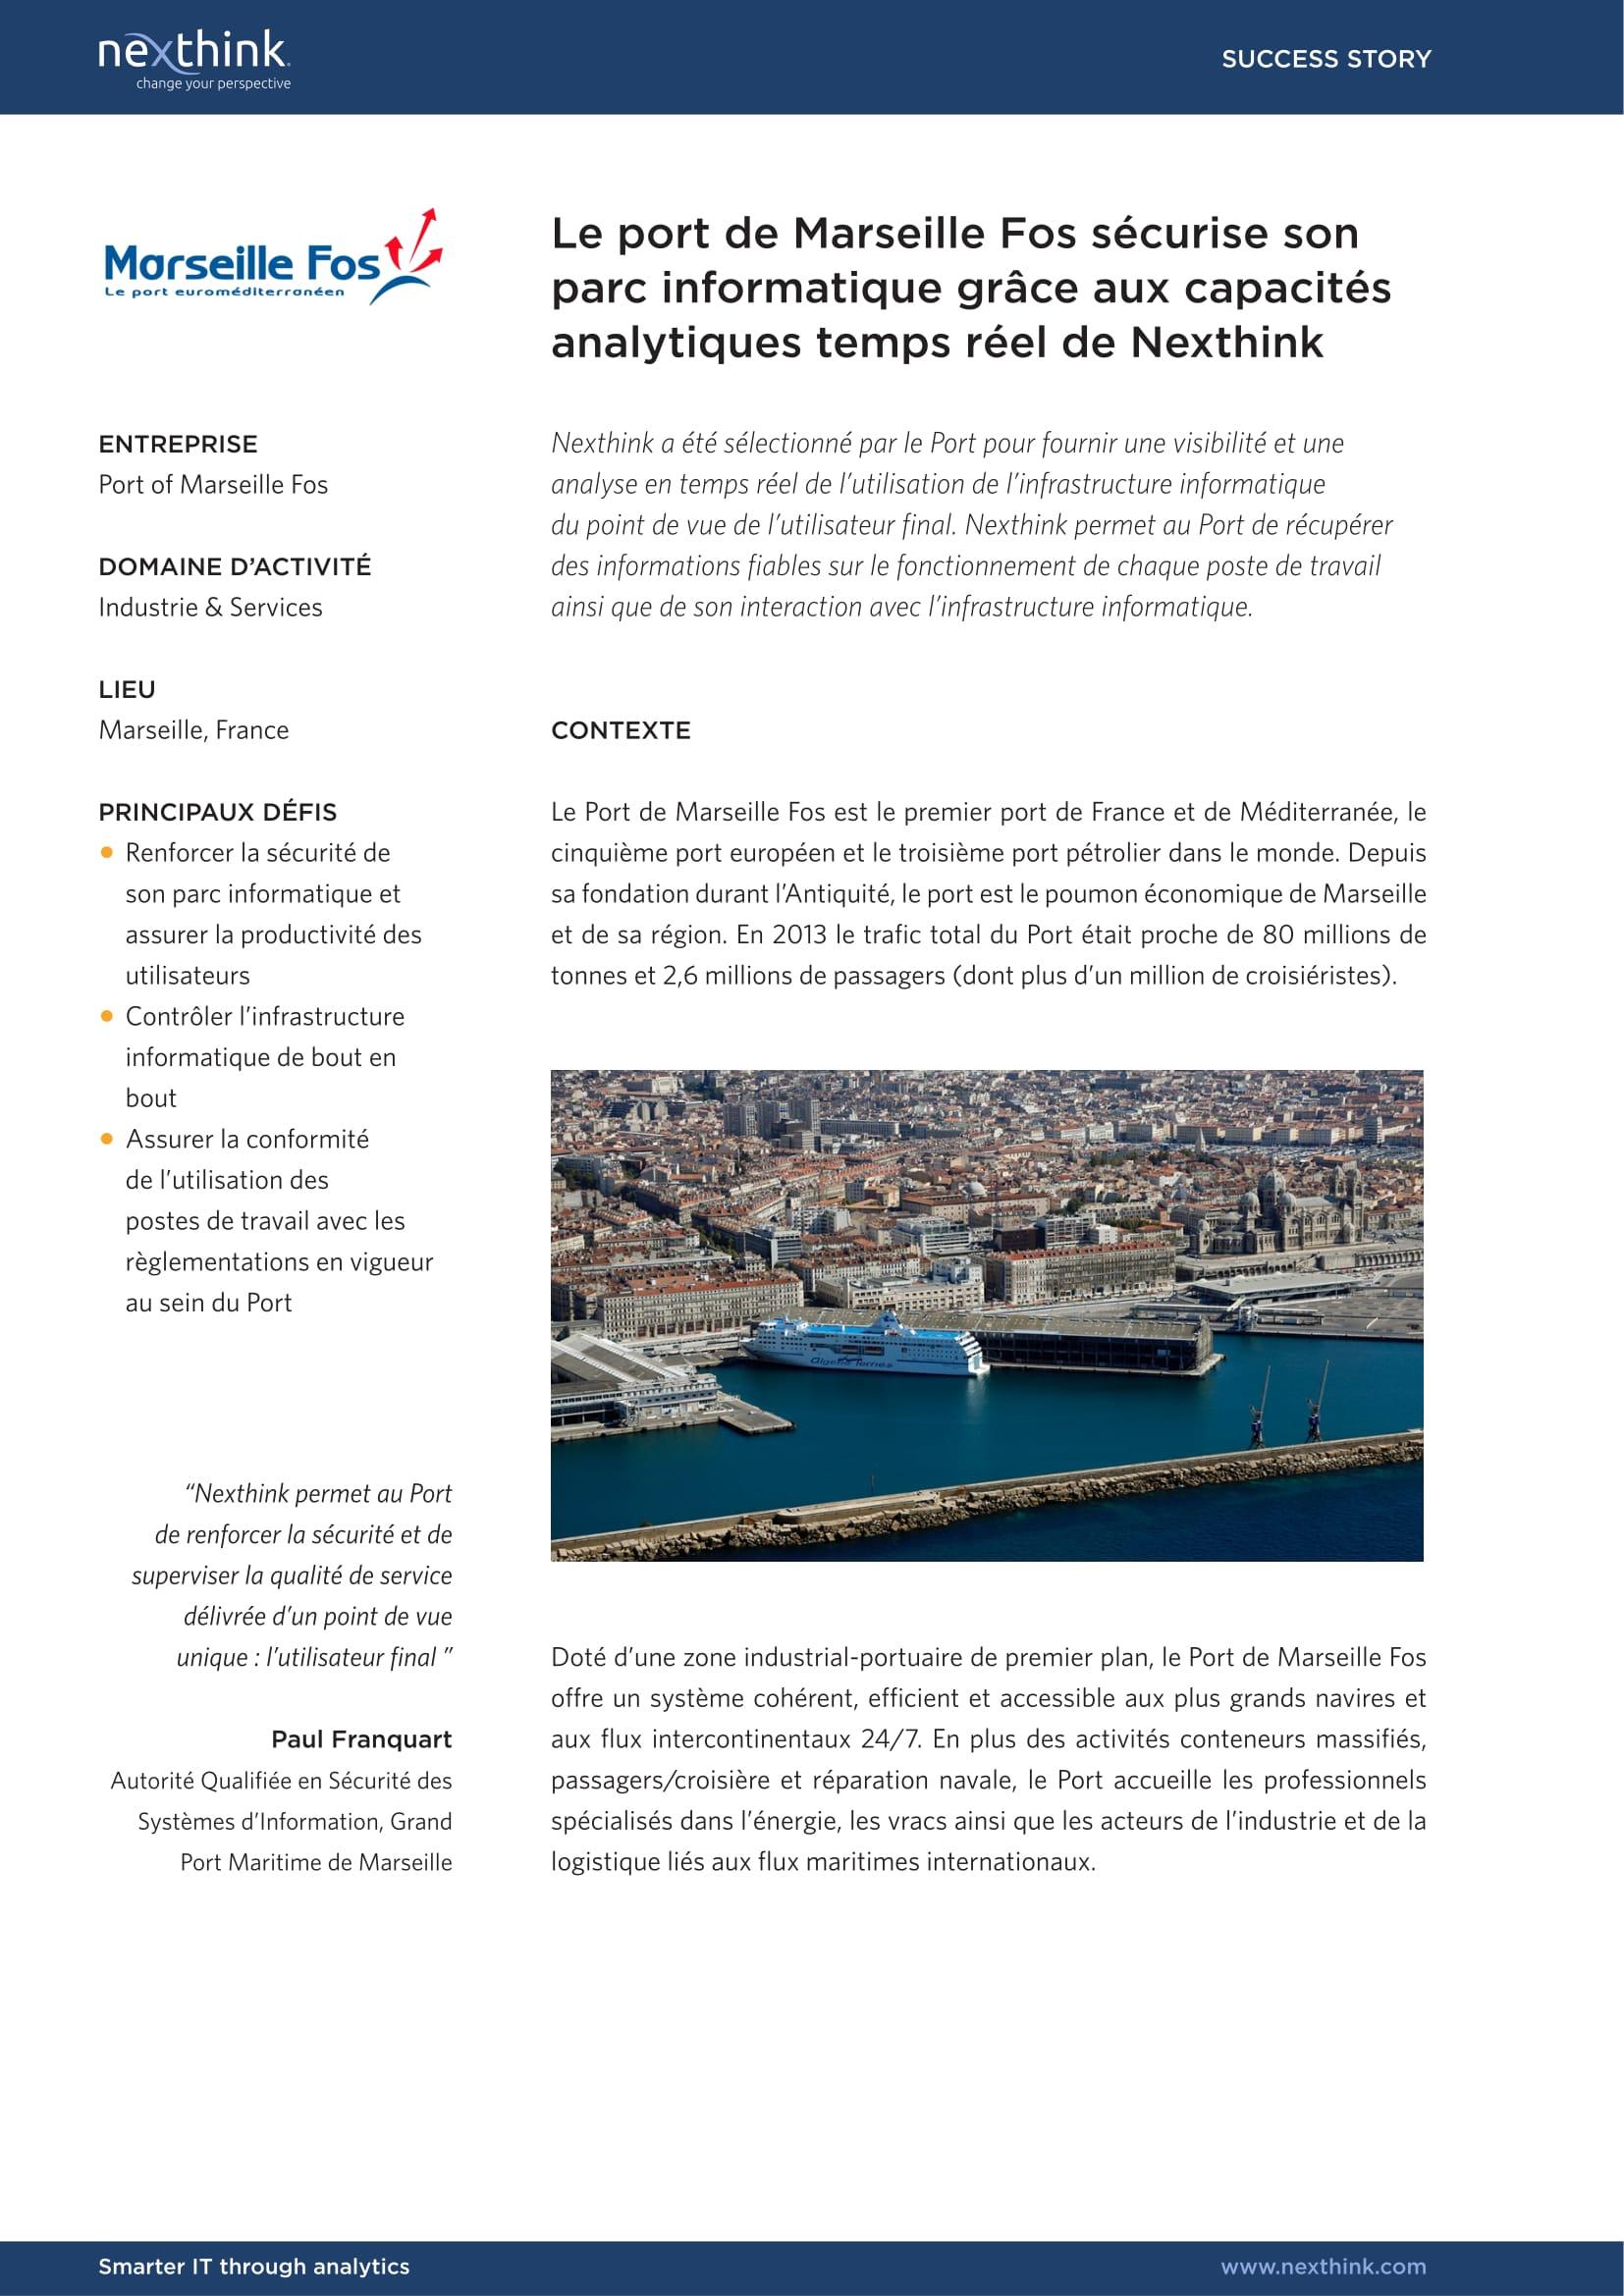 Le port de Marseille Fos sécurise son parc informatique grâce aux capacités analytiques en temps réel de Nexthink